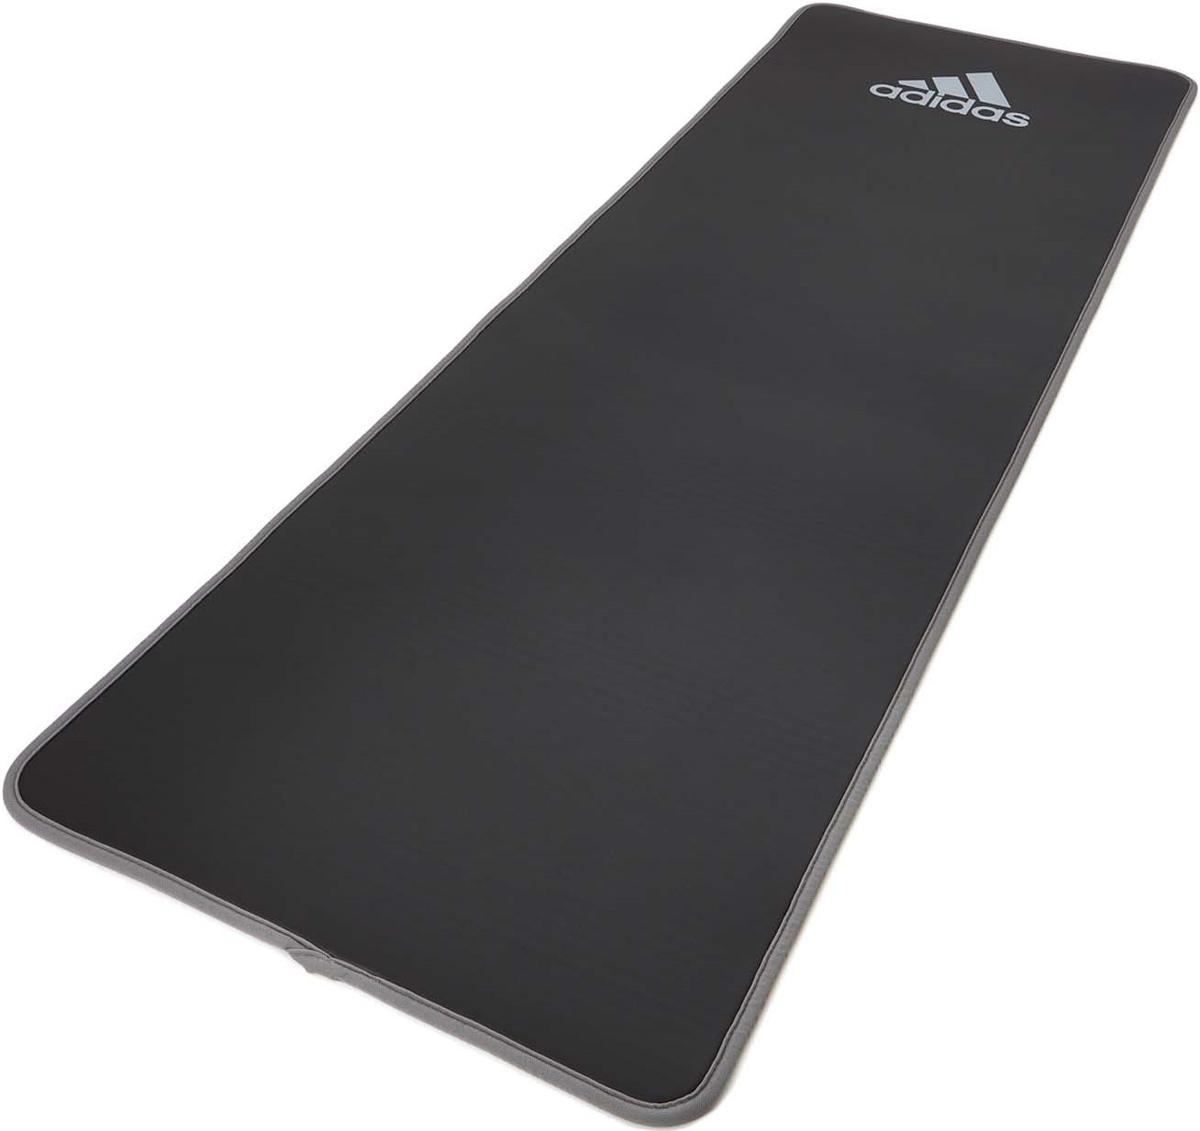 Коврик тренировочный Adidas, толщина 10 мм, длина 183 см, серый  #1